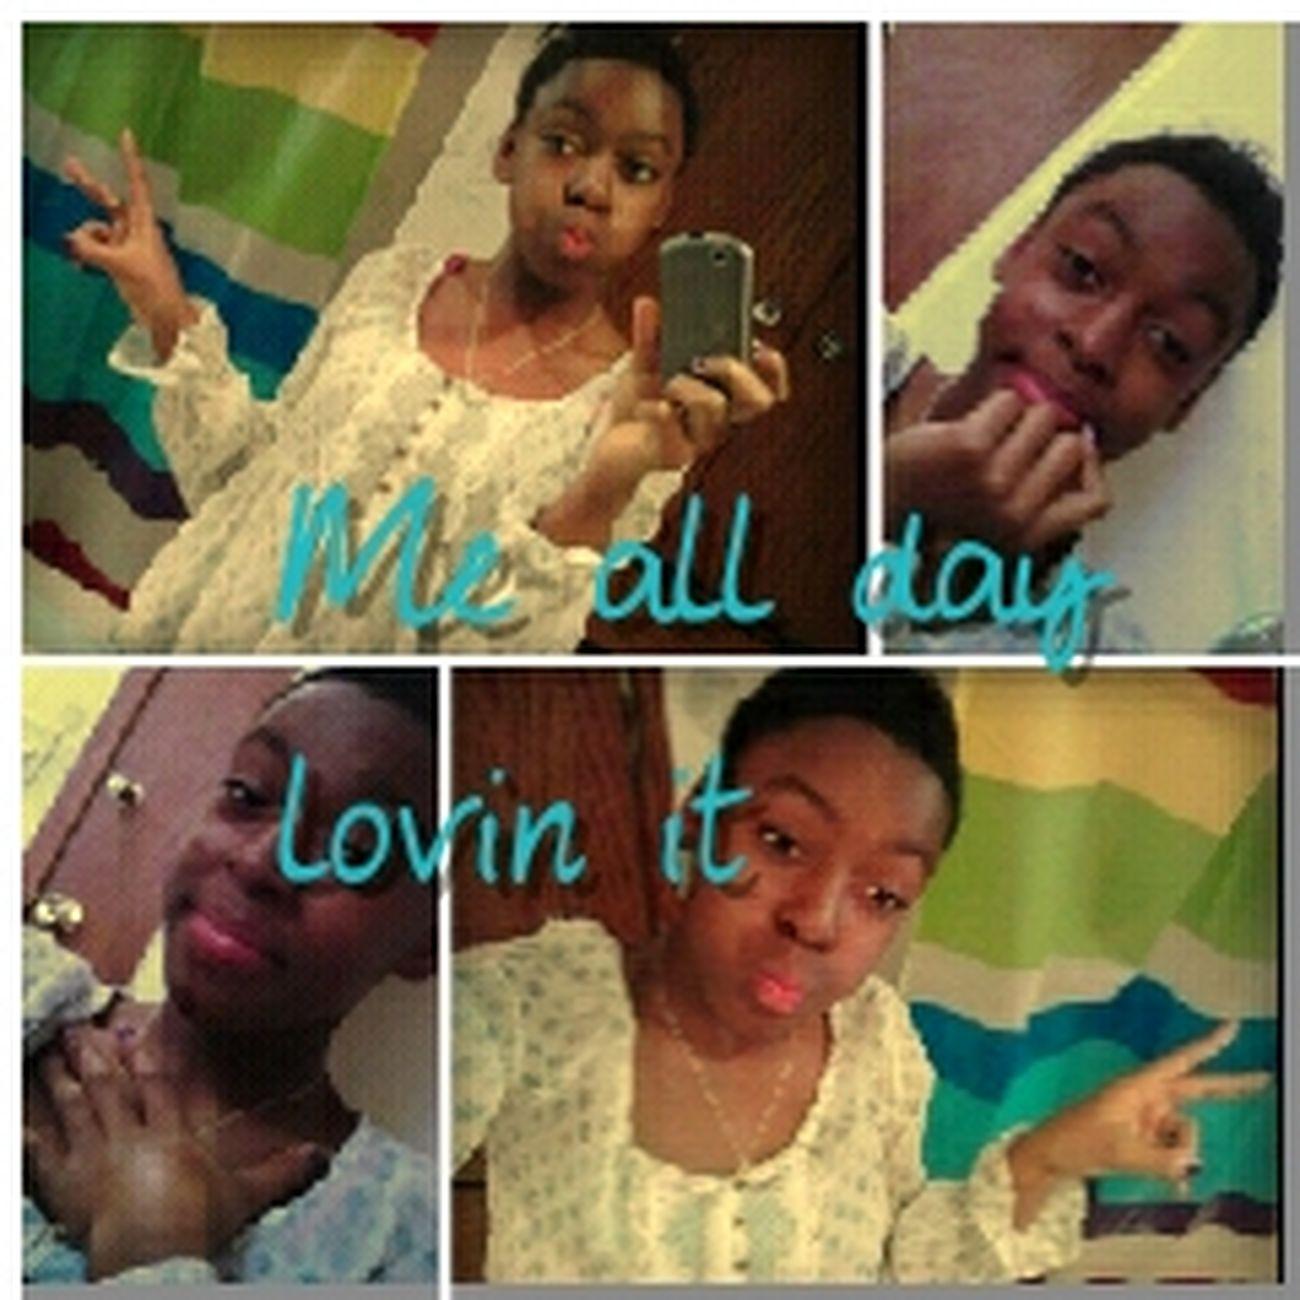 Lovin Me